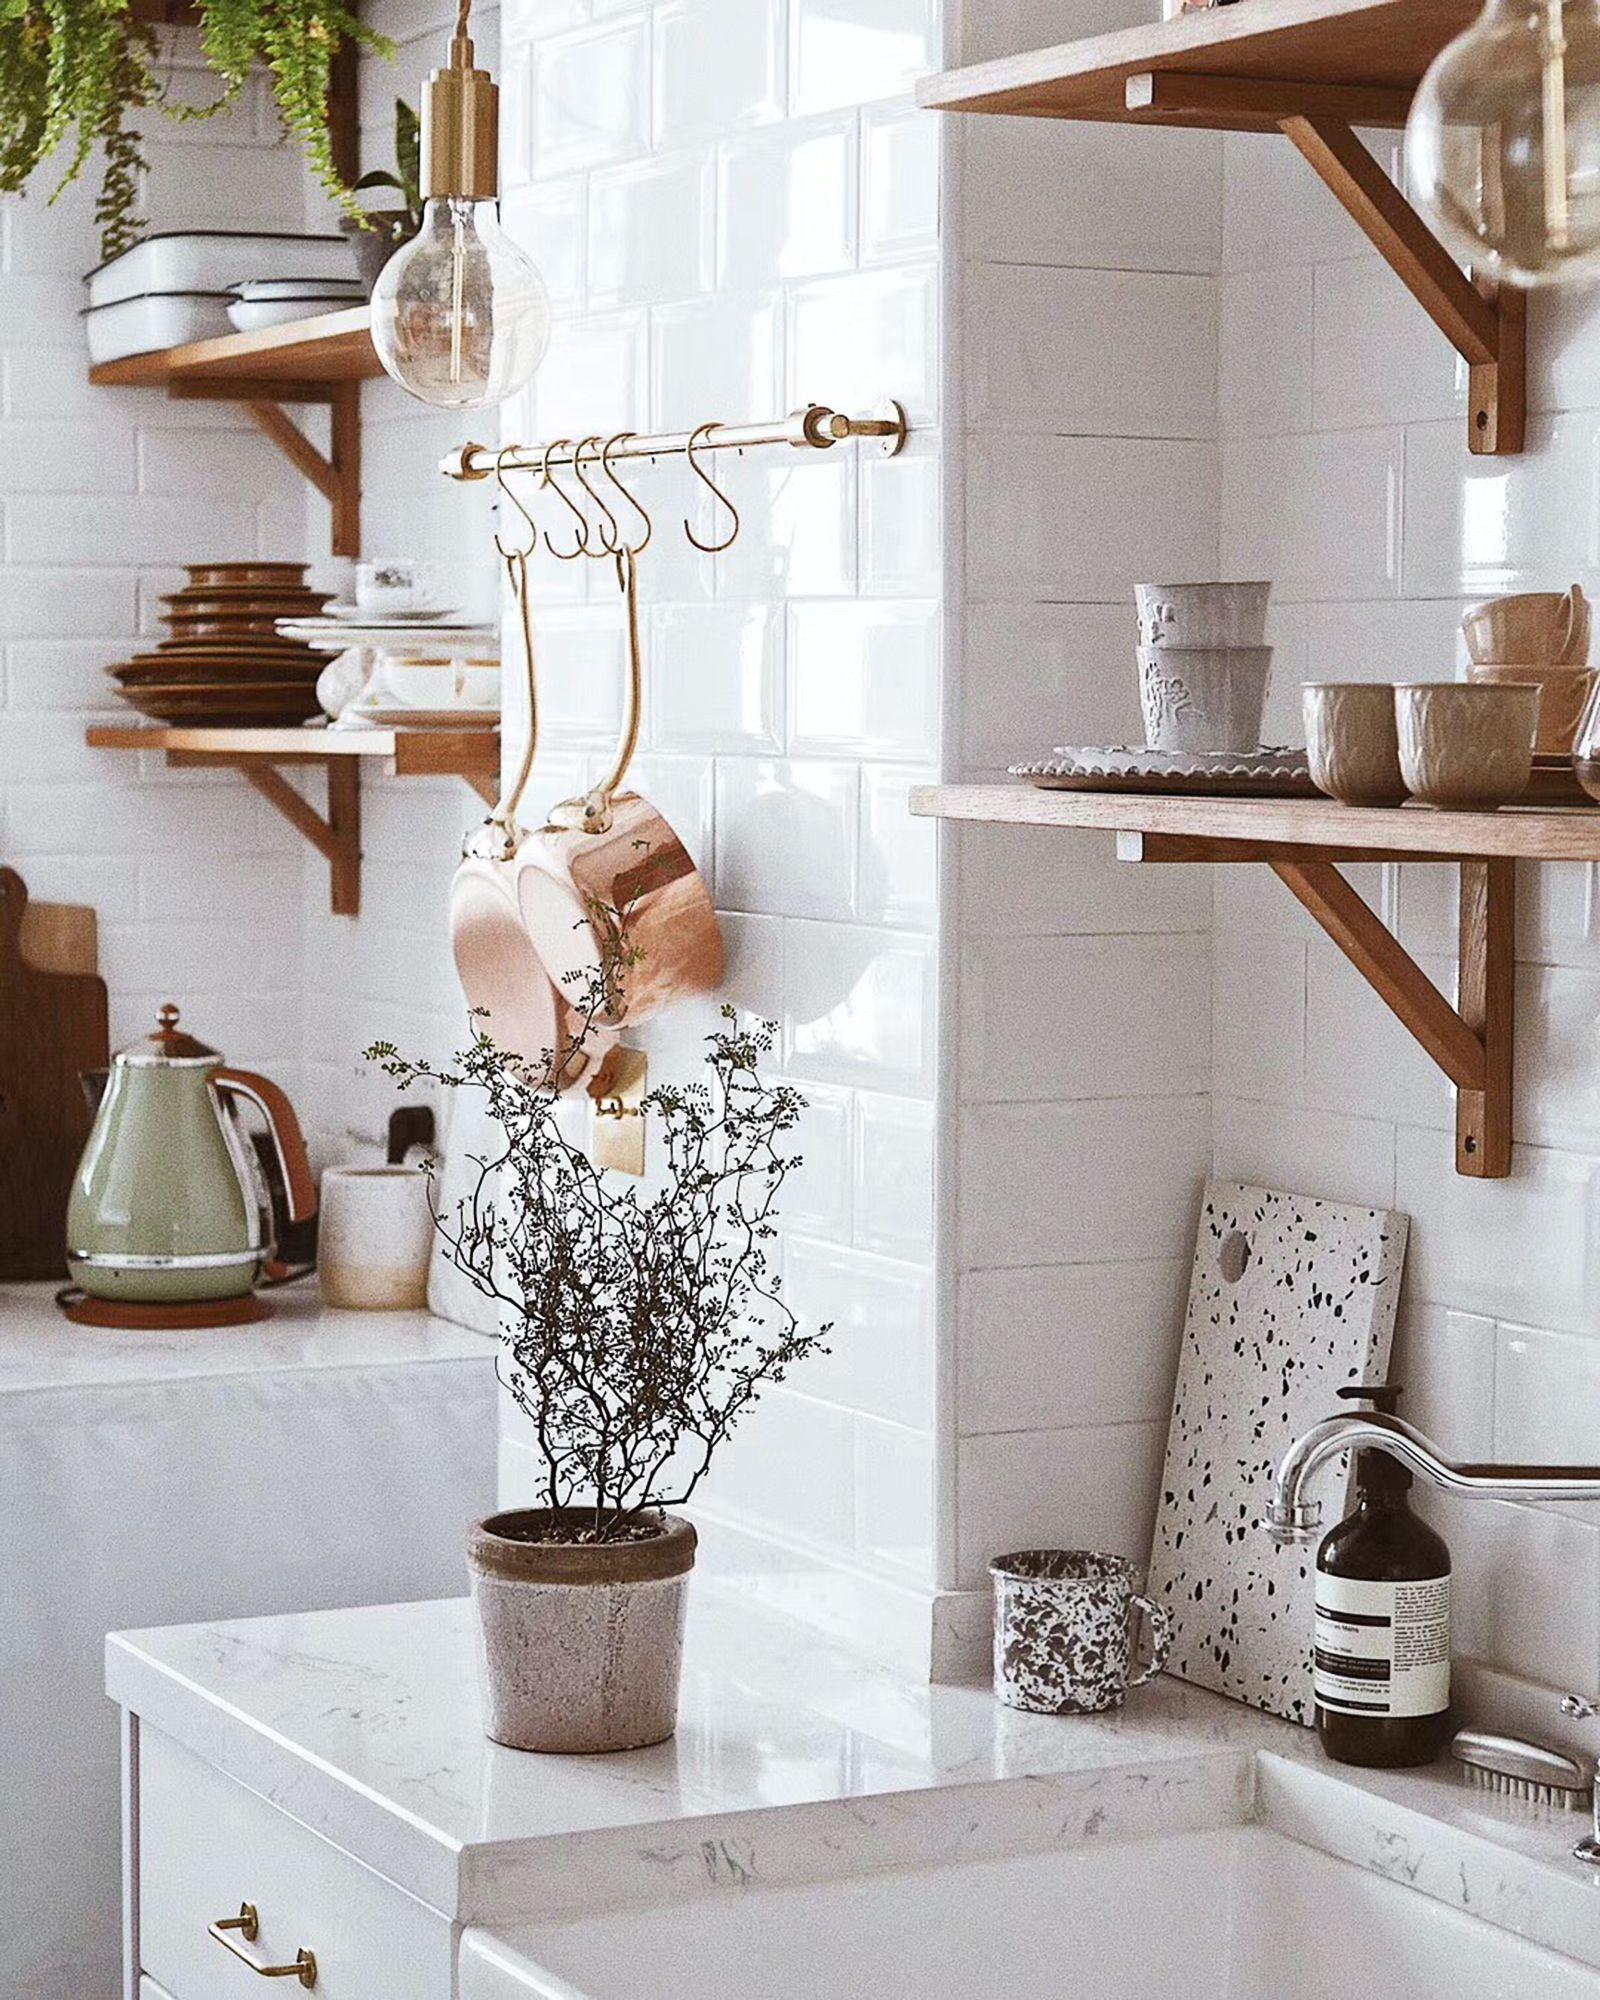 Arredare casa con le mensole in cucina: un'alternativa ai pensili